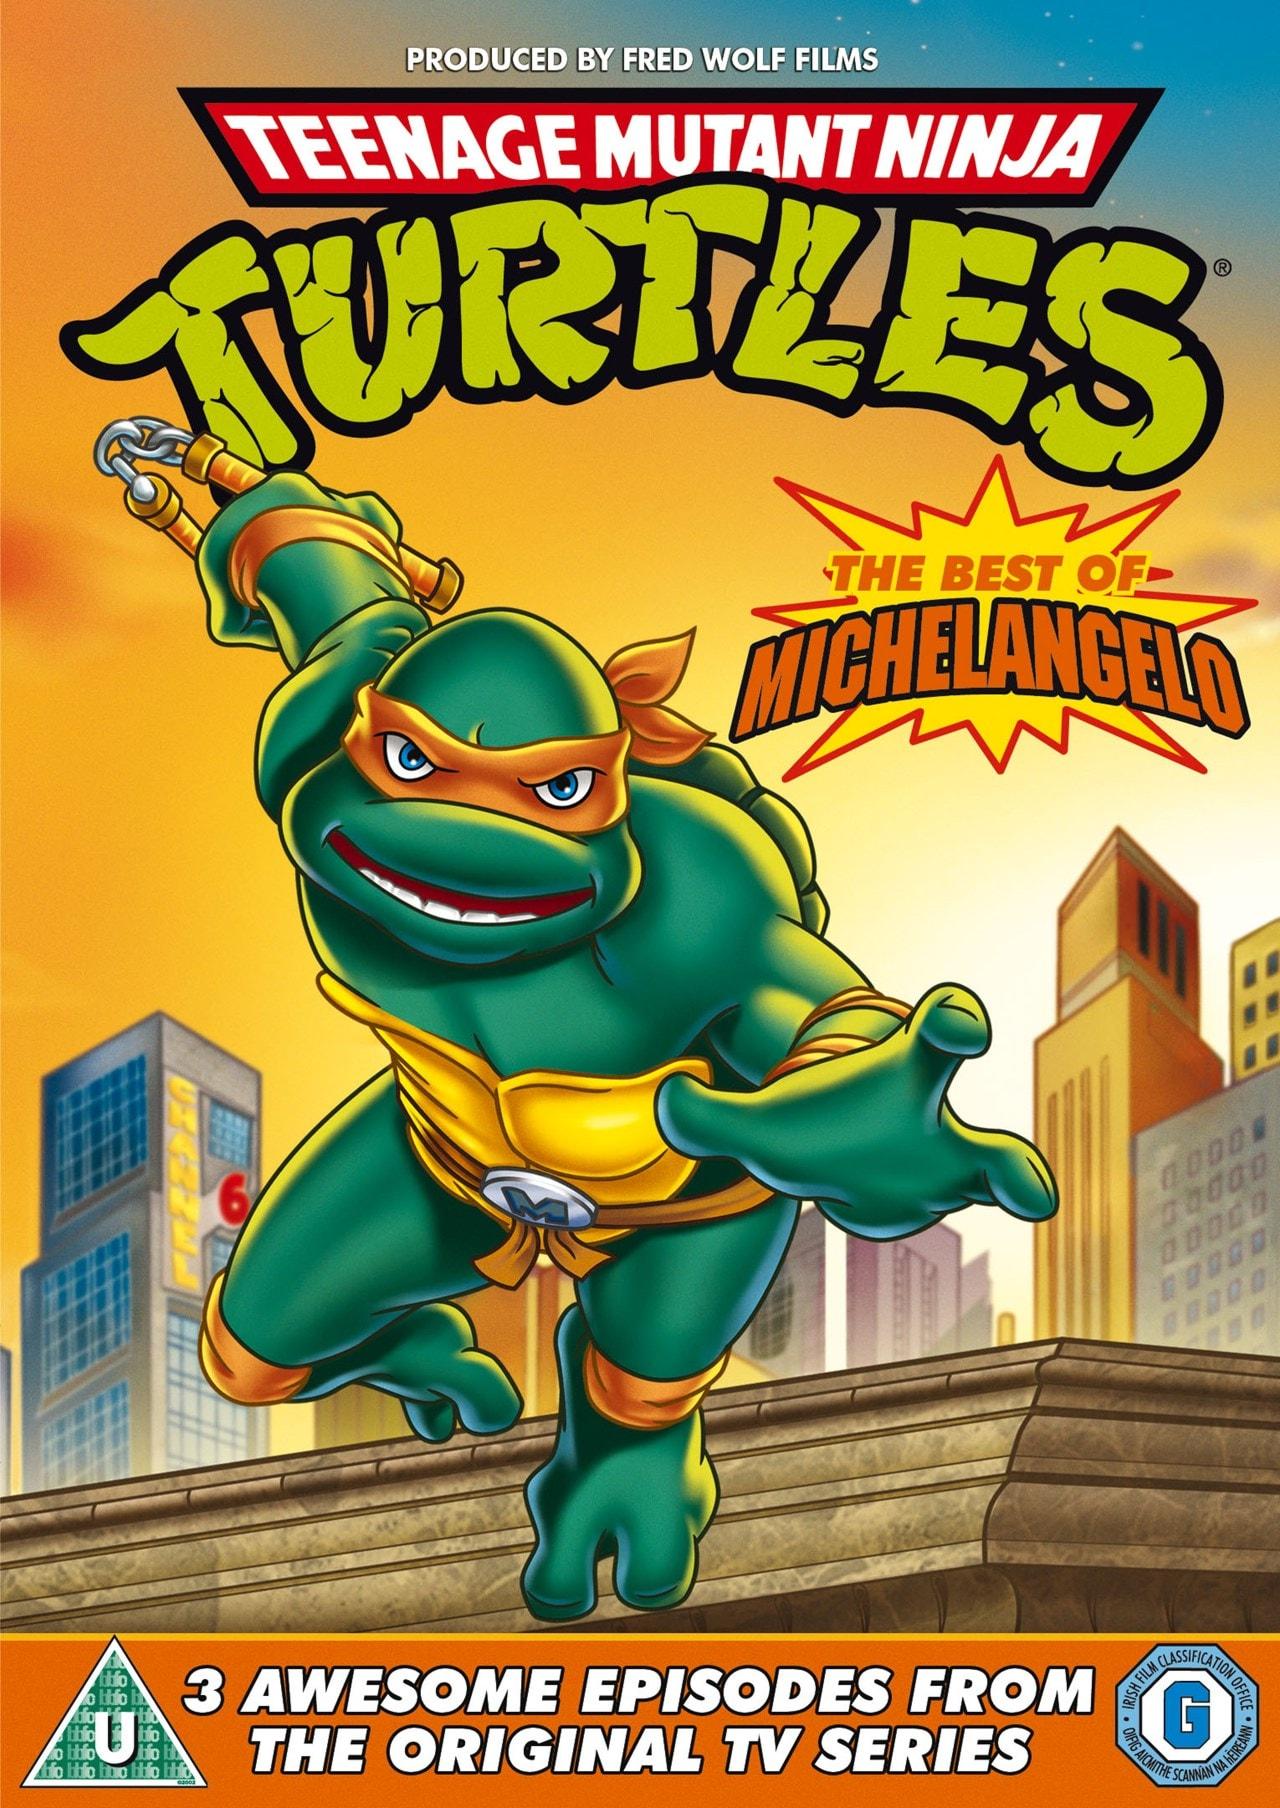 Teenage Mutant Ninja Turtles: Best of Michelangelo - 1